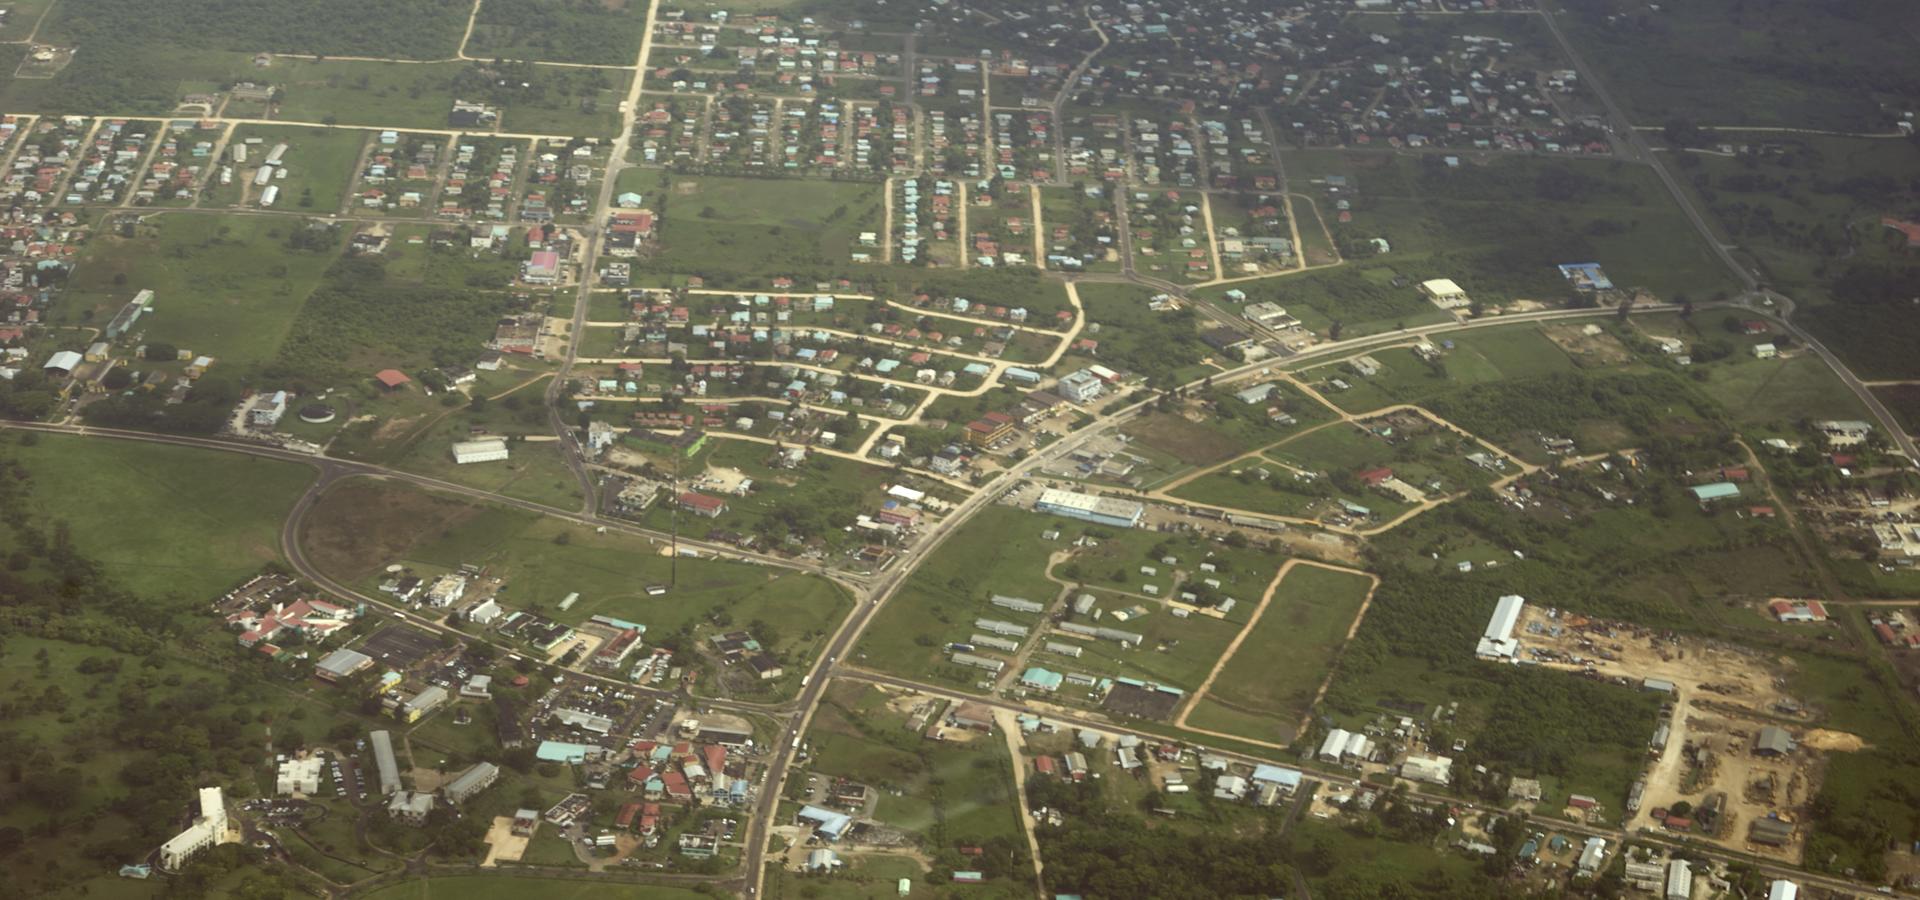 Peer-to-peer advisory in Belize City